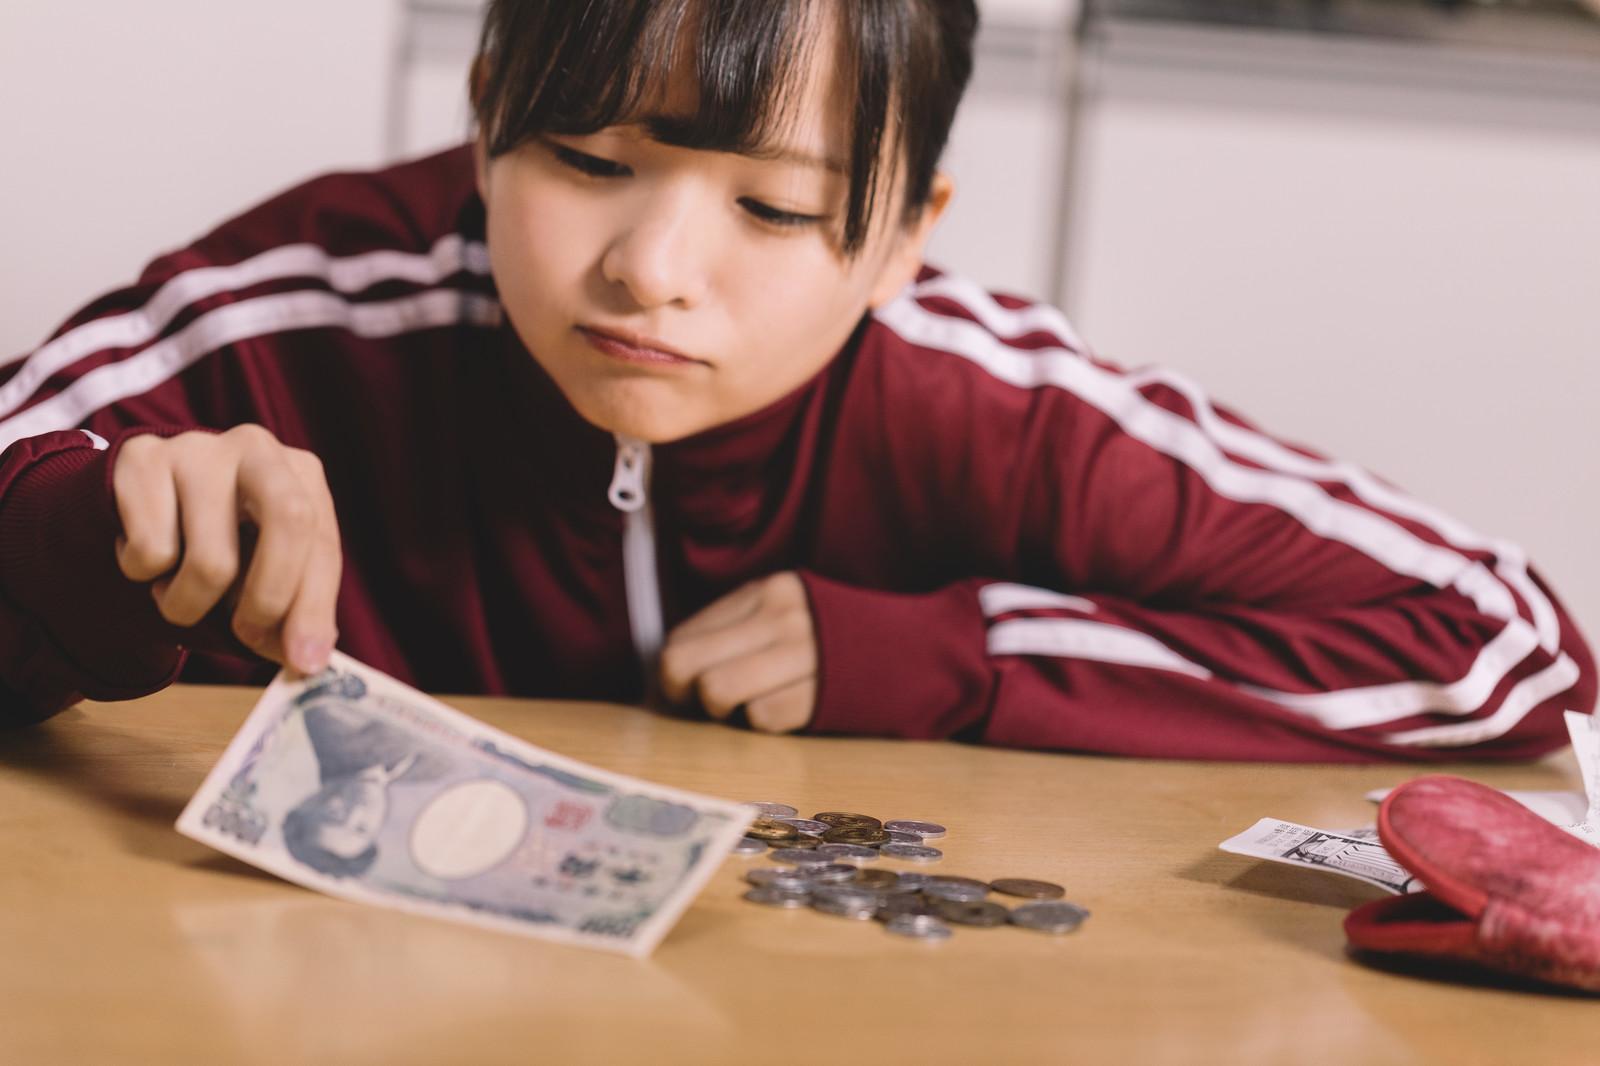 高校生がバイトで10万円稼ぐのは可能か?ポイントを抑えれば意外と余裕!